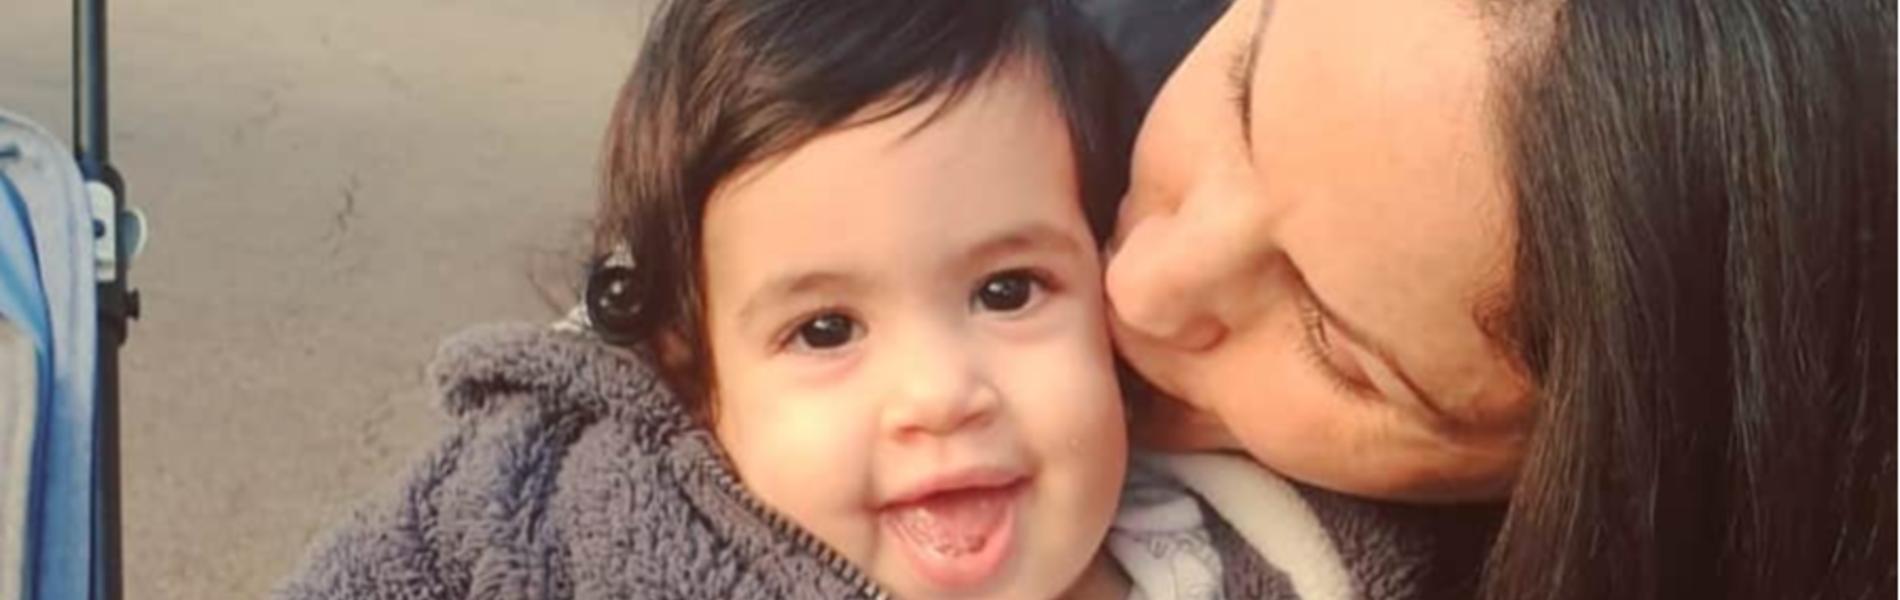 """דיכאון אחרי לידה: """"התפללתי שאולי יקרה לי איזה חסד ואוטו יתנגש בי"""""""